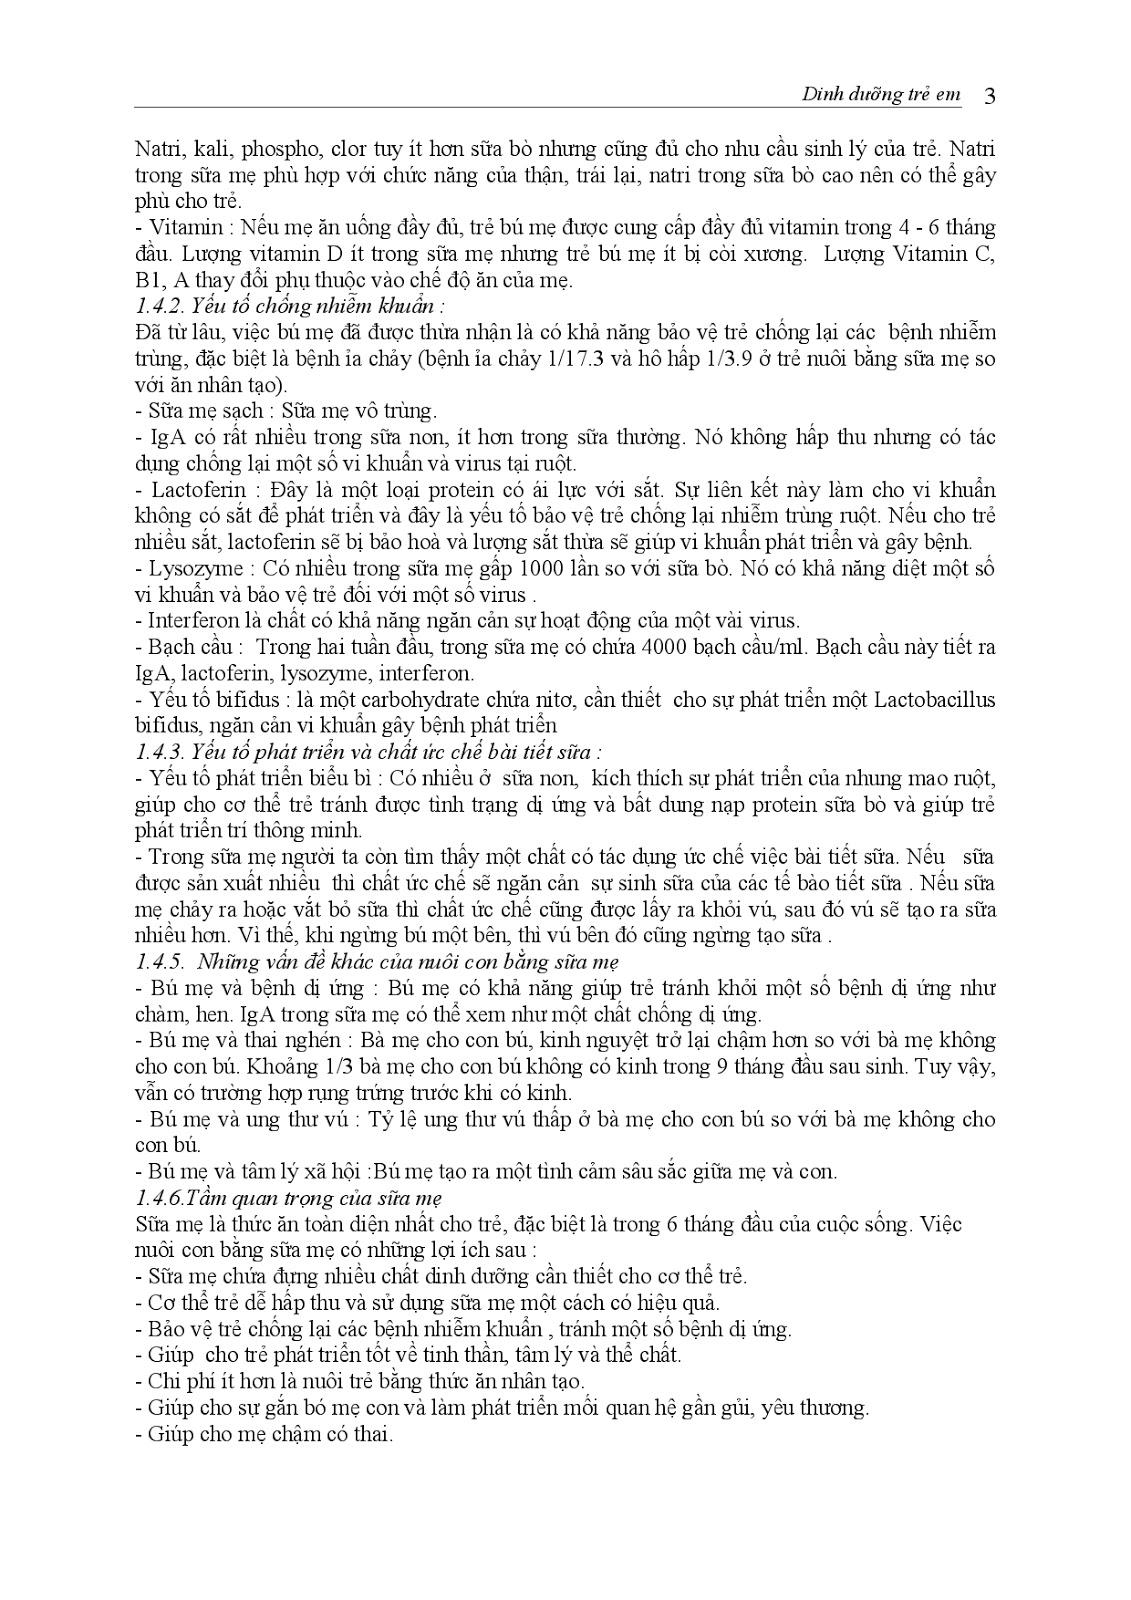 Trang 3 sach Bài giảng Nhi khoa I (Nhi khoa cơ sở - Nhi dinh dưỡng) - ĐH Y Huế